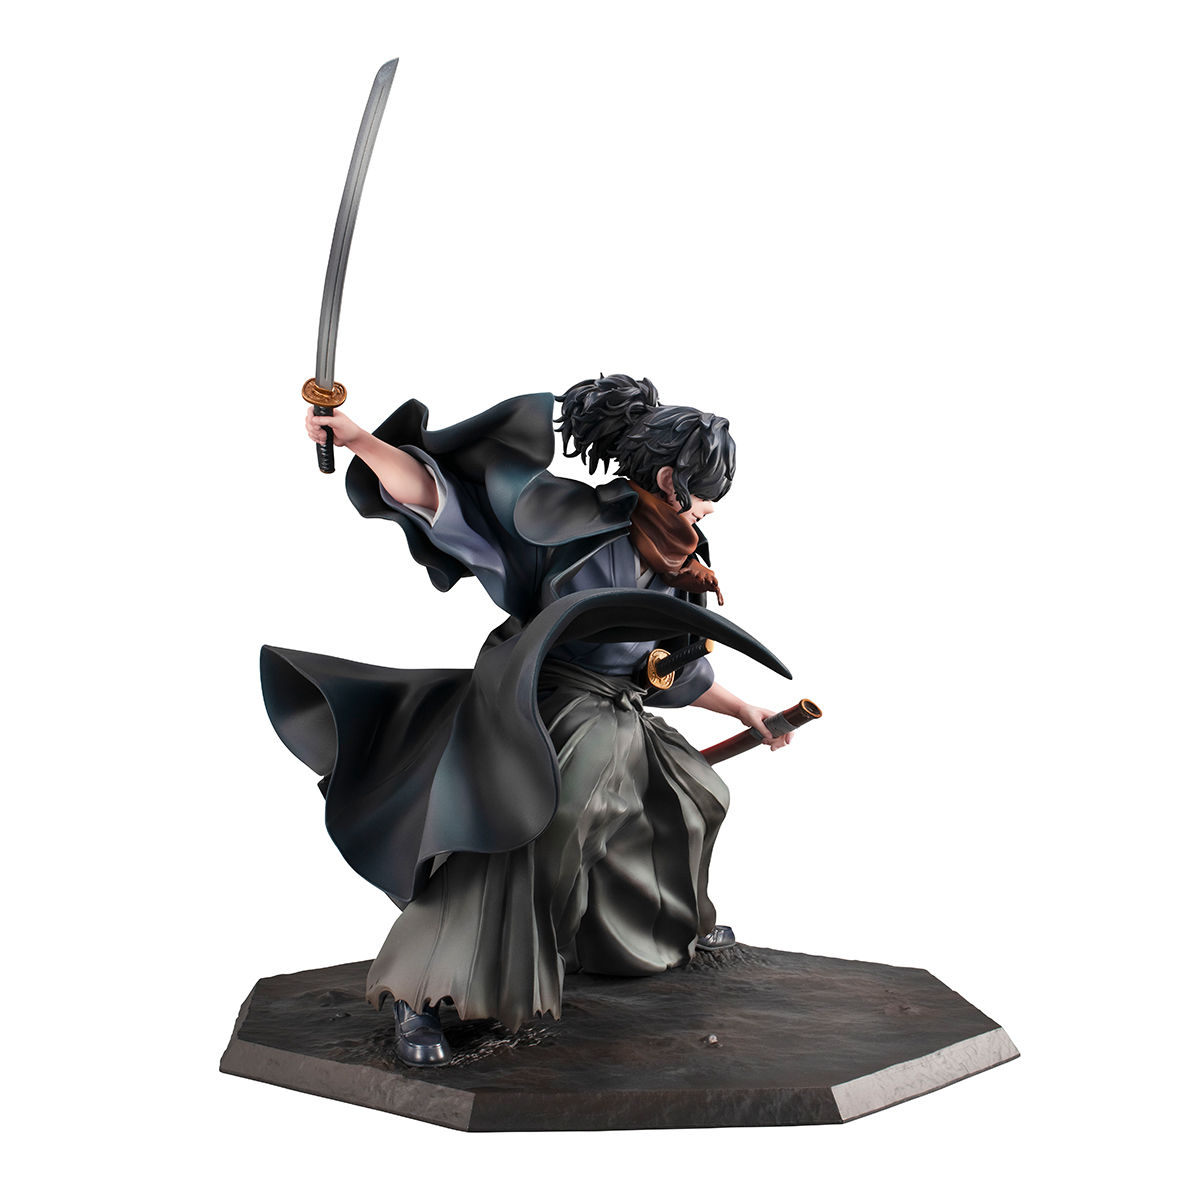 【限定販売】Fate/Grand Order『アサシン/岡田以蔵』1/8 完成品フィギュア-004